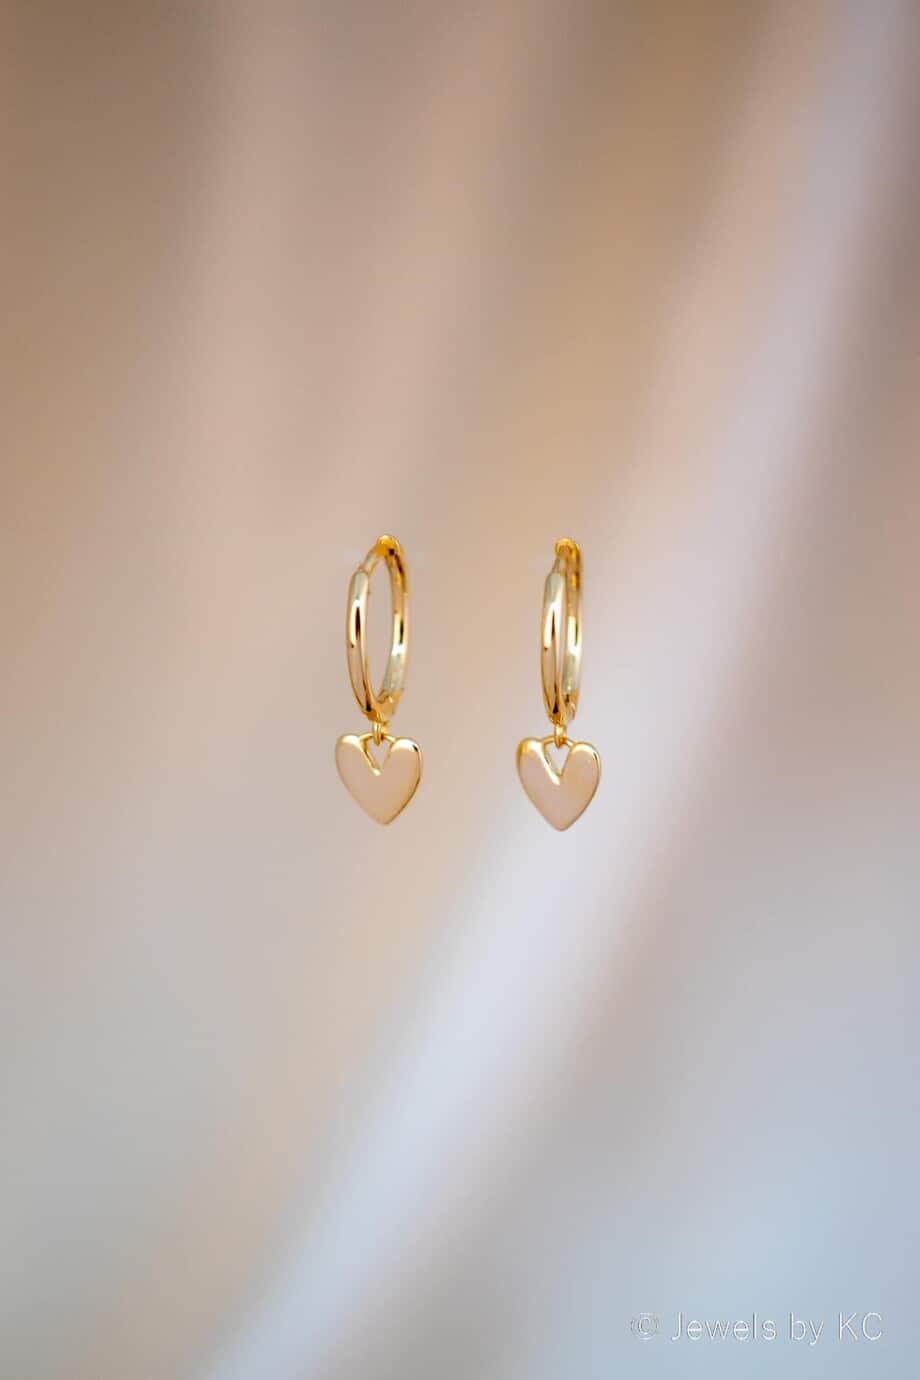 Gouden Hartjes oorbellen 'My heart' van Goud op Zilver